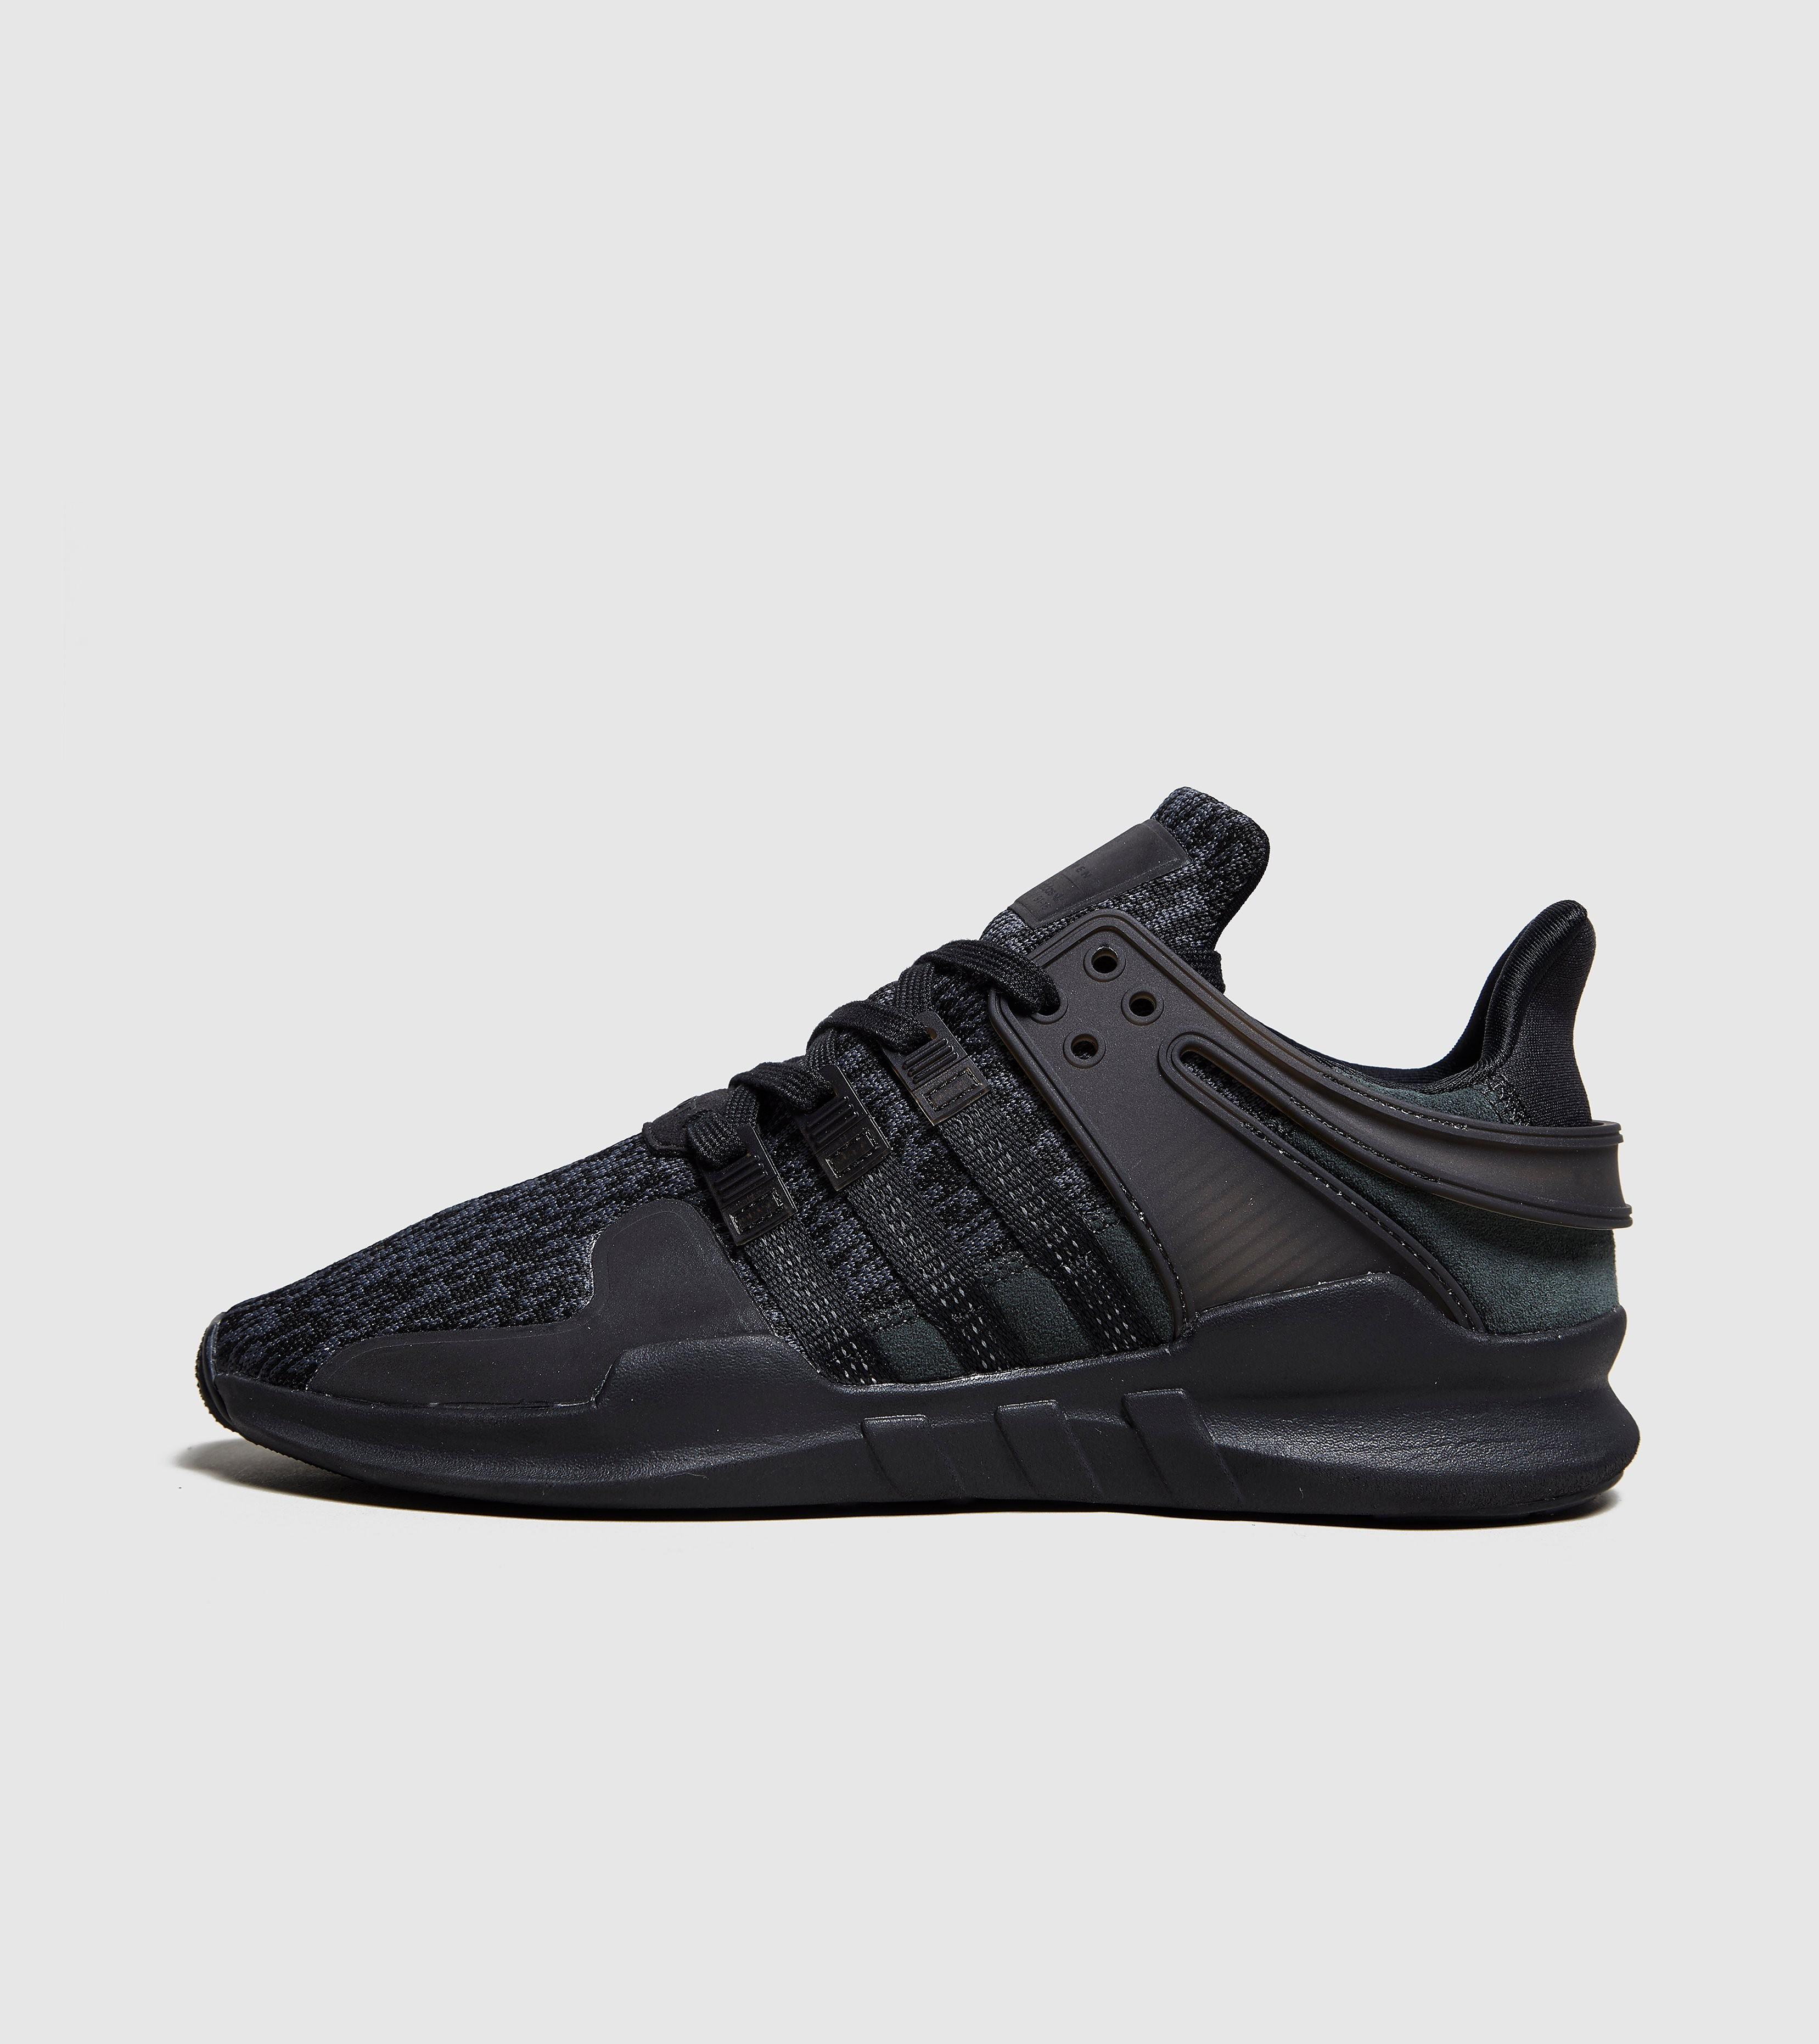 adidas Originals EQT Support Advanced, Black/Black